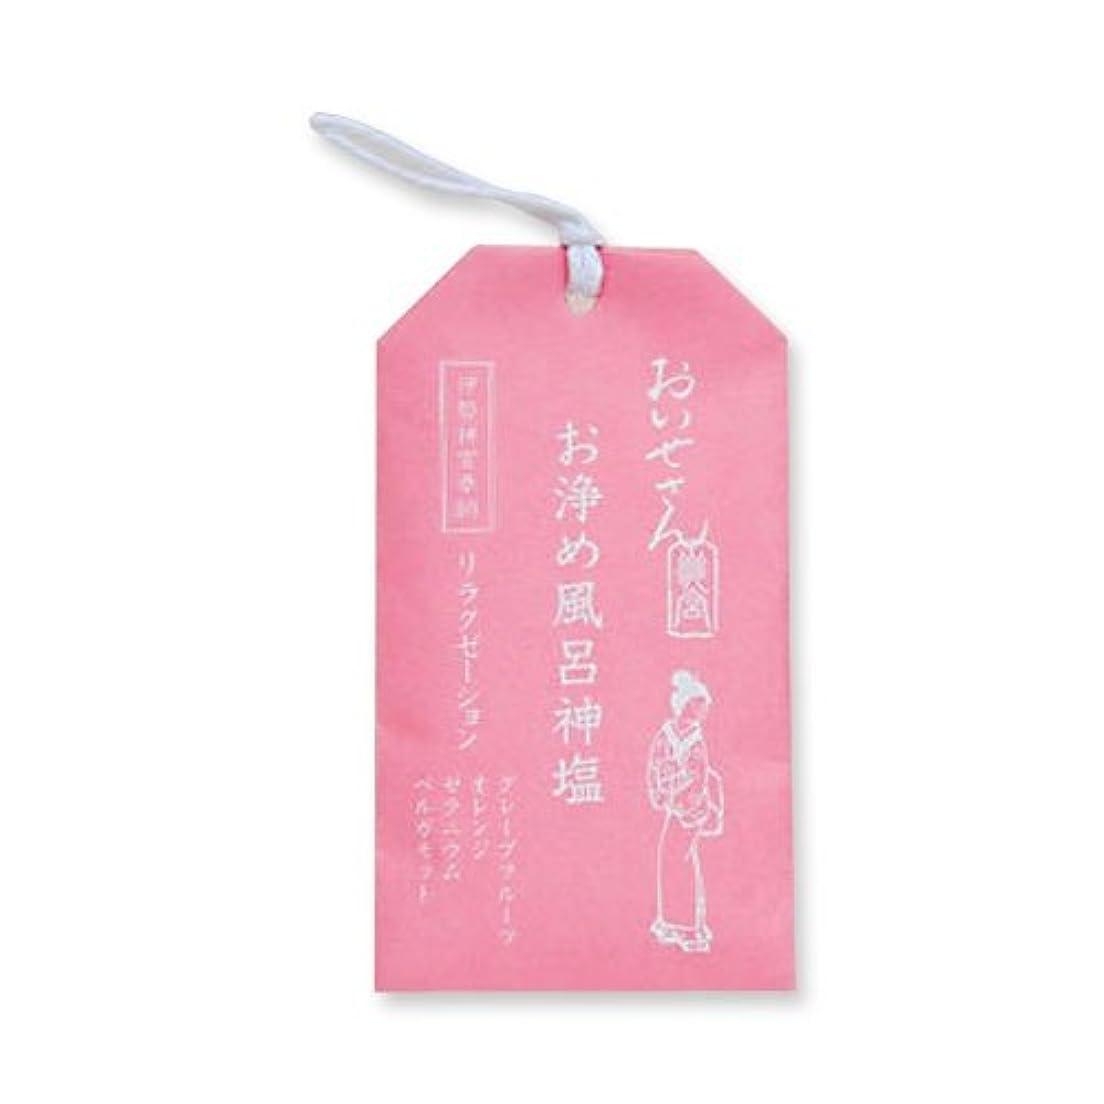 首相ラリー鍔おいせさん お浄め風呂神塩 バス用ソルト(リラクゼーション) 20g